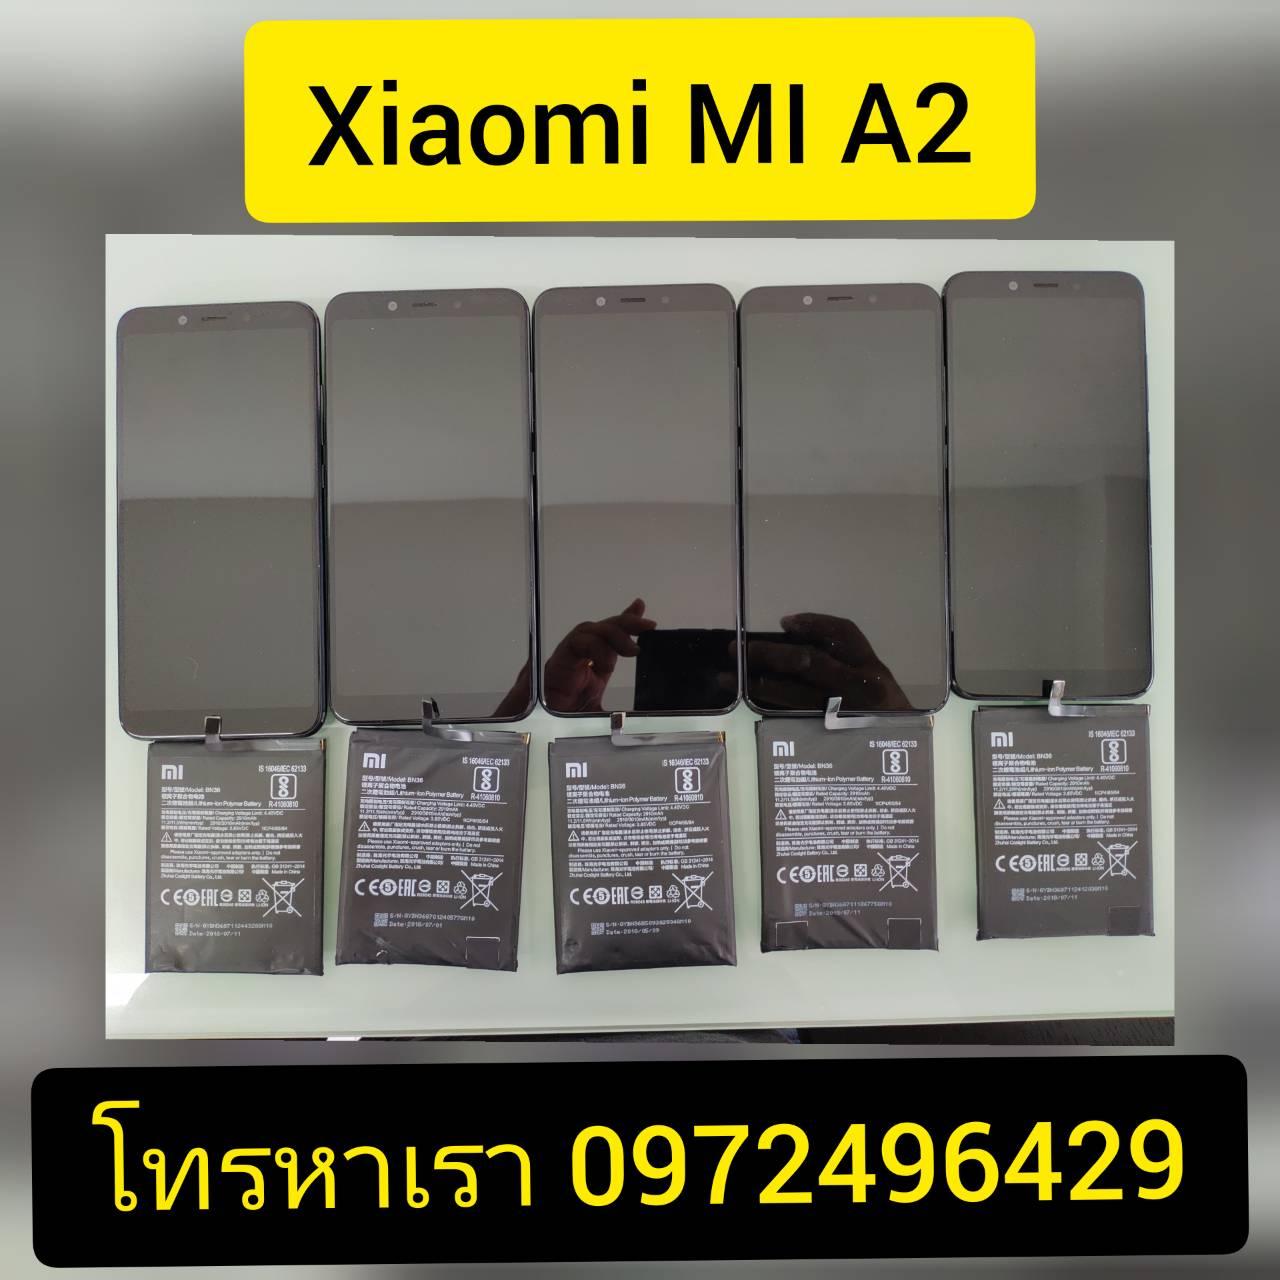 ร้านซ่อมโทรศัพท์  Xiaomi (เสียวหมี่) ที่ดีที่สุด อะไหล่พร้อม รอรับได้เลย